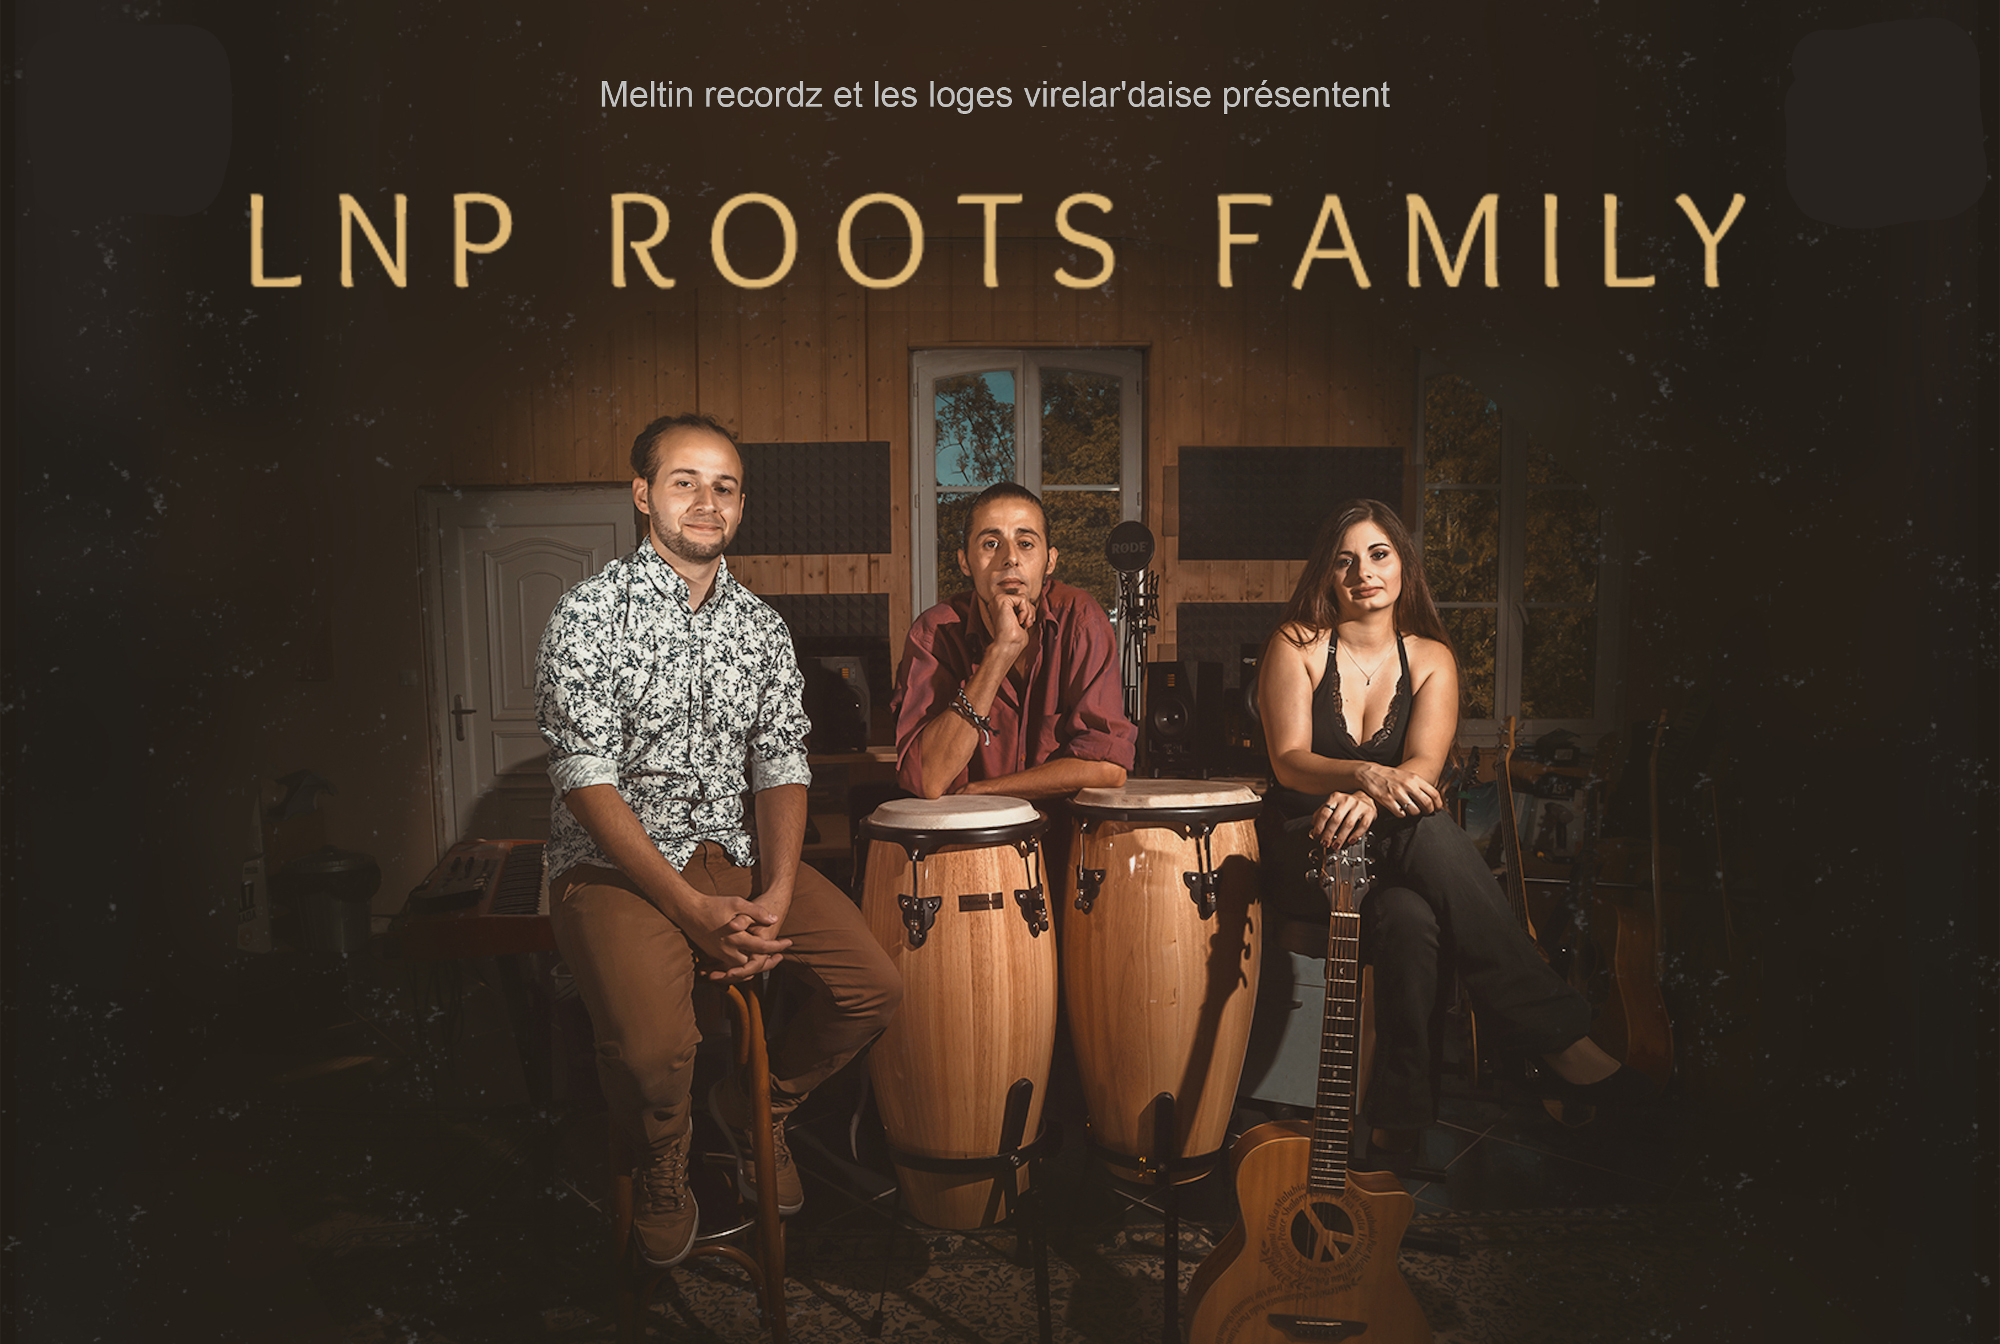 Slide LNP Roots Family - Les Loges Virelart'daise